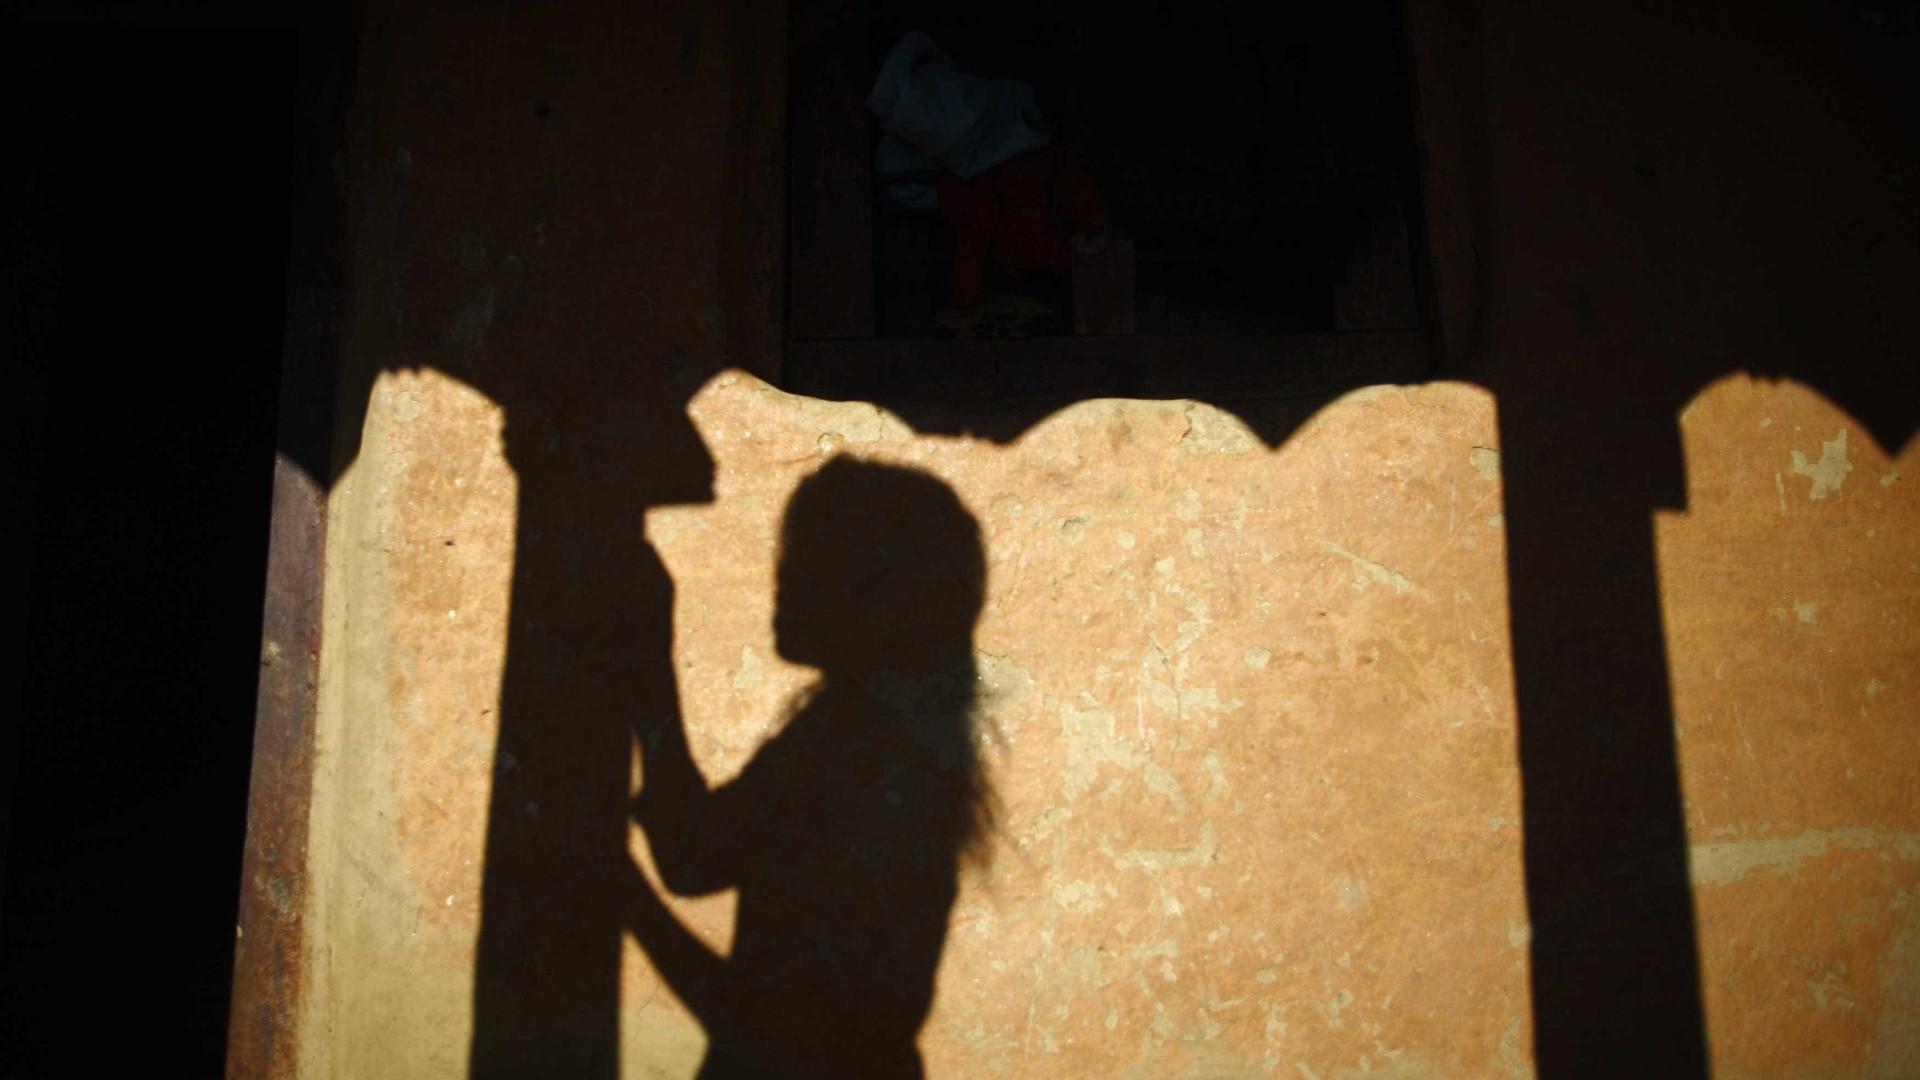 Pai viola filha durante 20 anos e só é preso quando vítima faz gravação